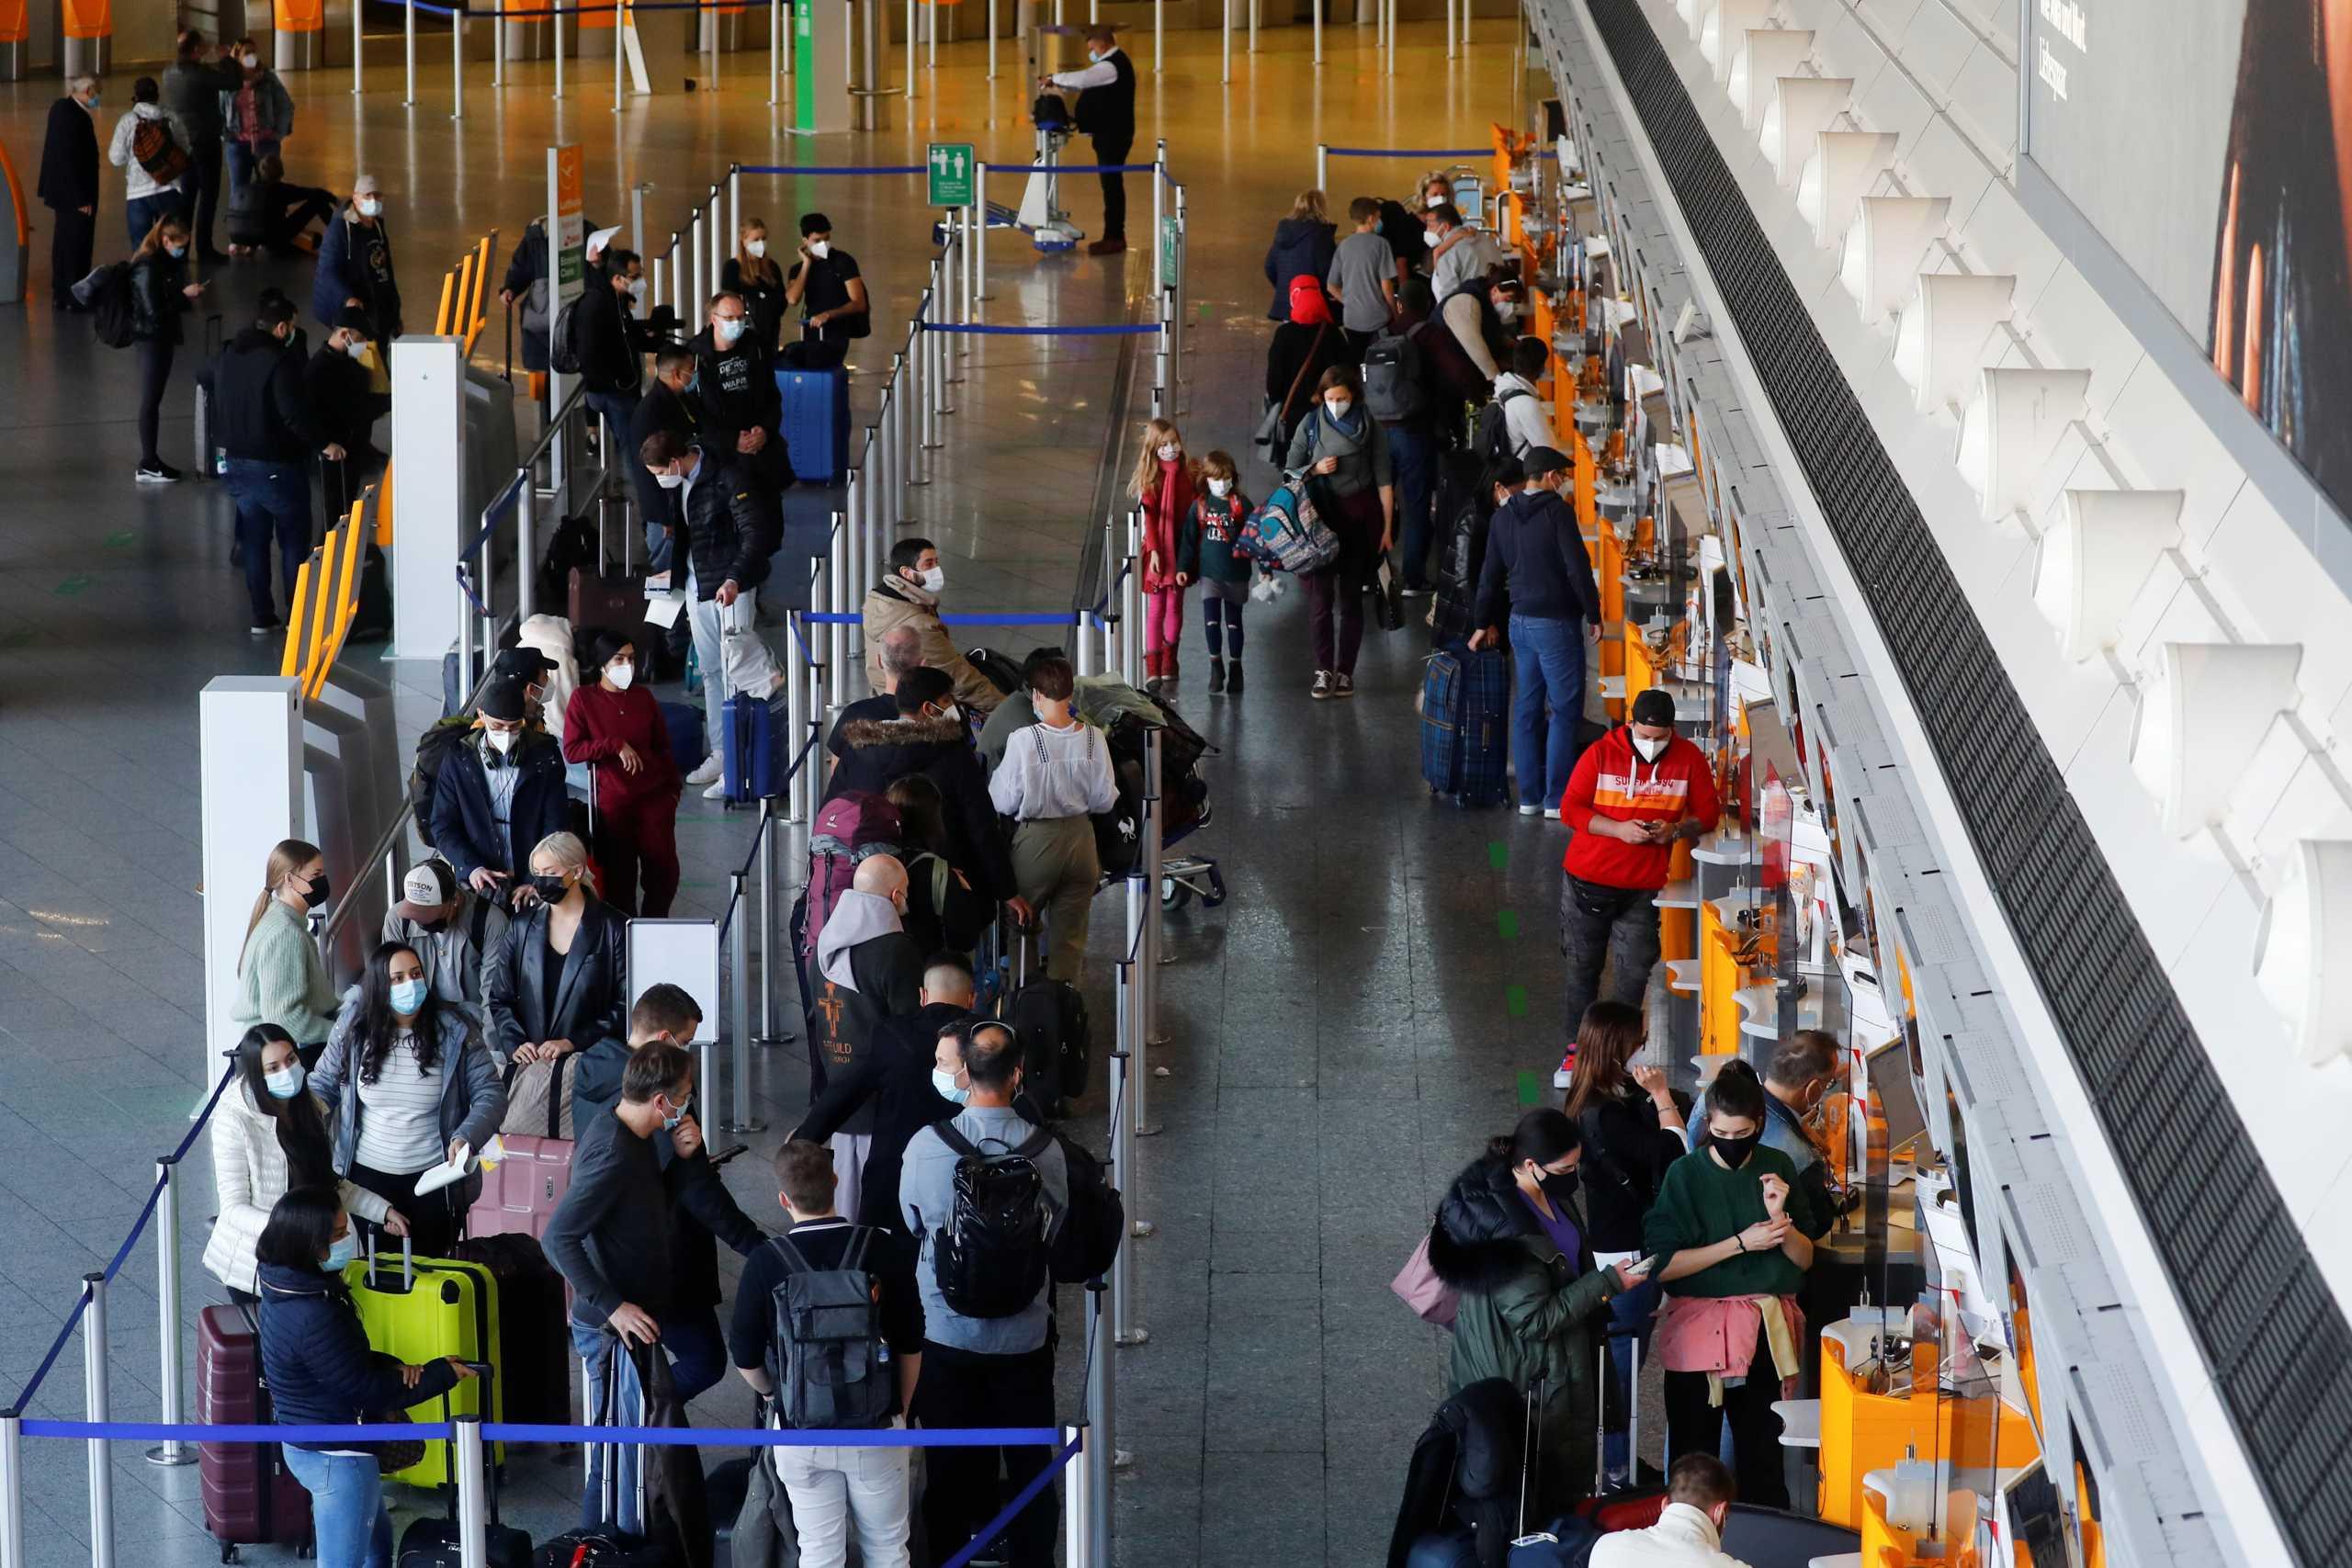 Ιταλία – Κορονοϊός: Υποχρεωτική καραντίνα πέντε ημερών στους Ευρωπαίους ταξιδιώτες